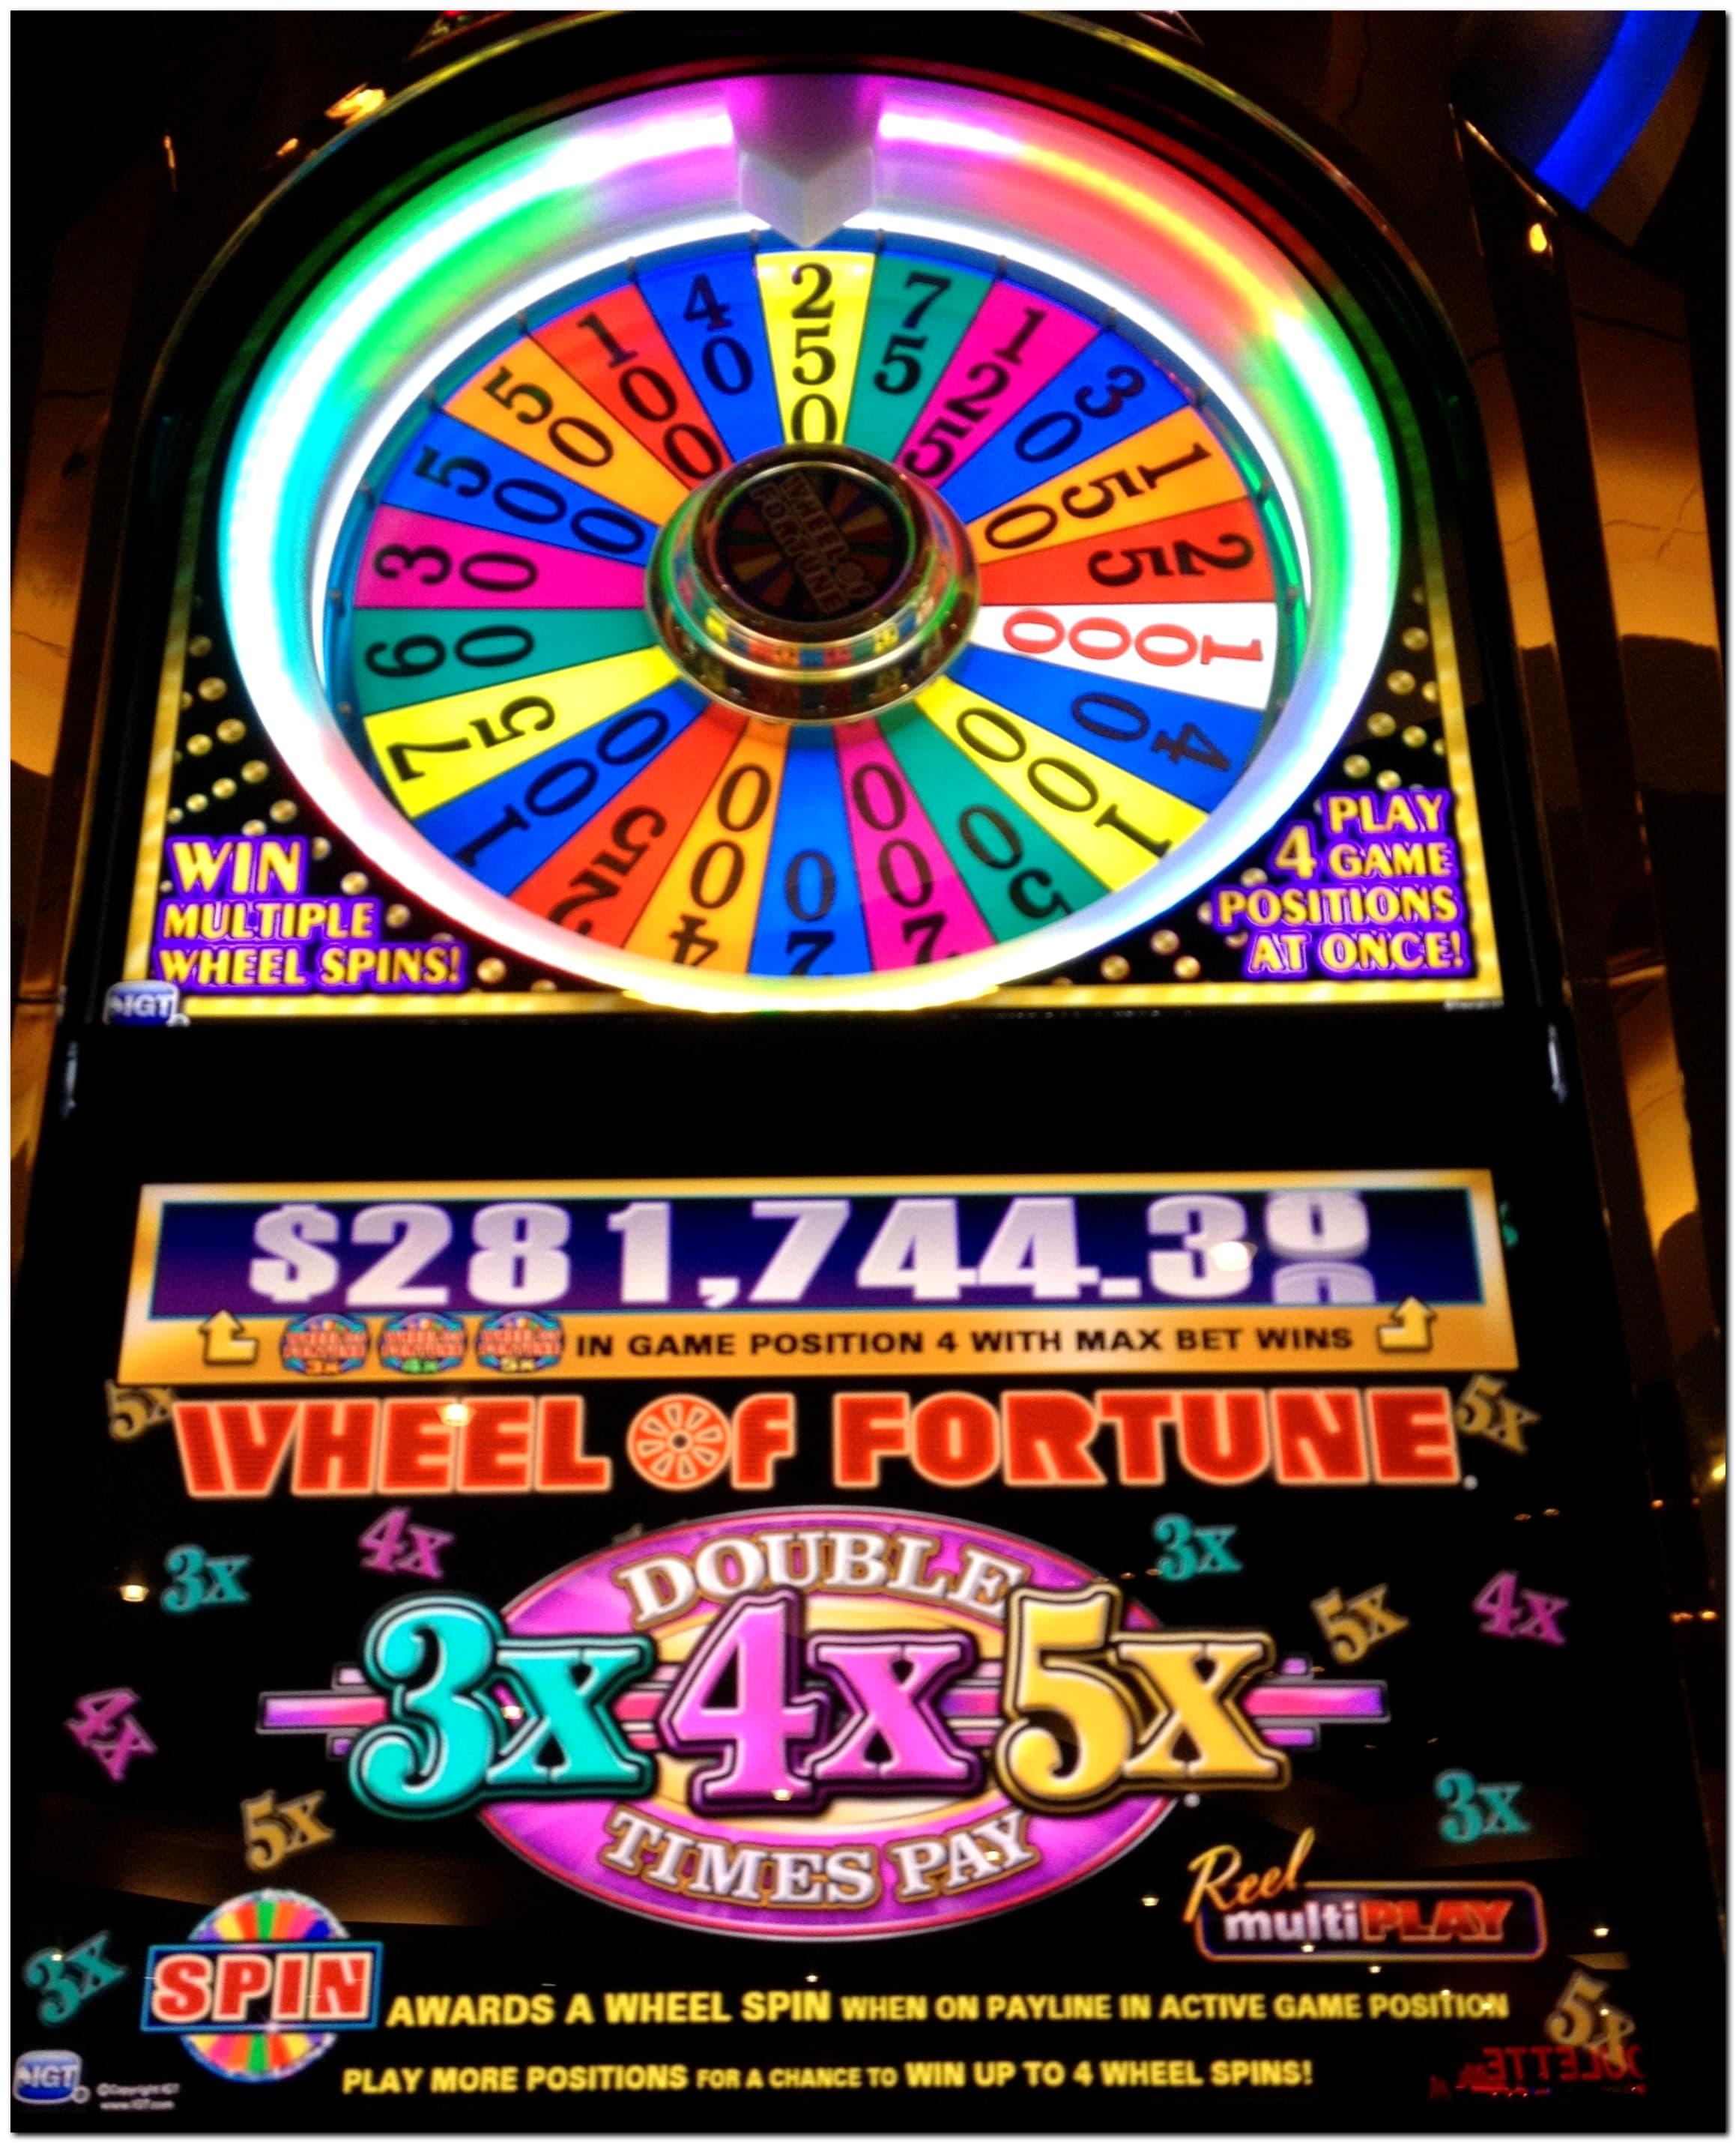 Party Casinoでの210フリースピン